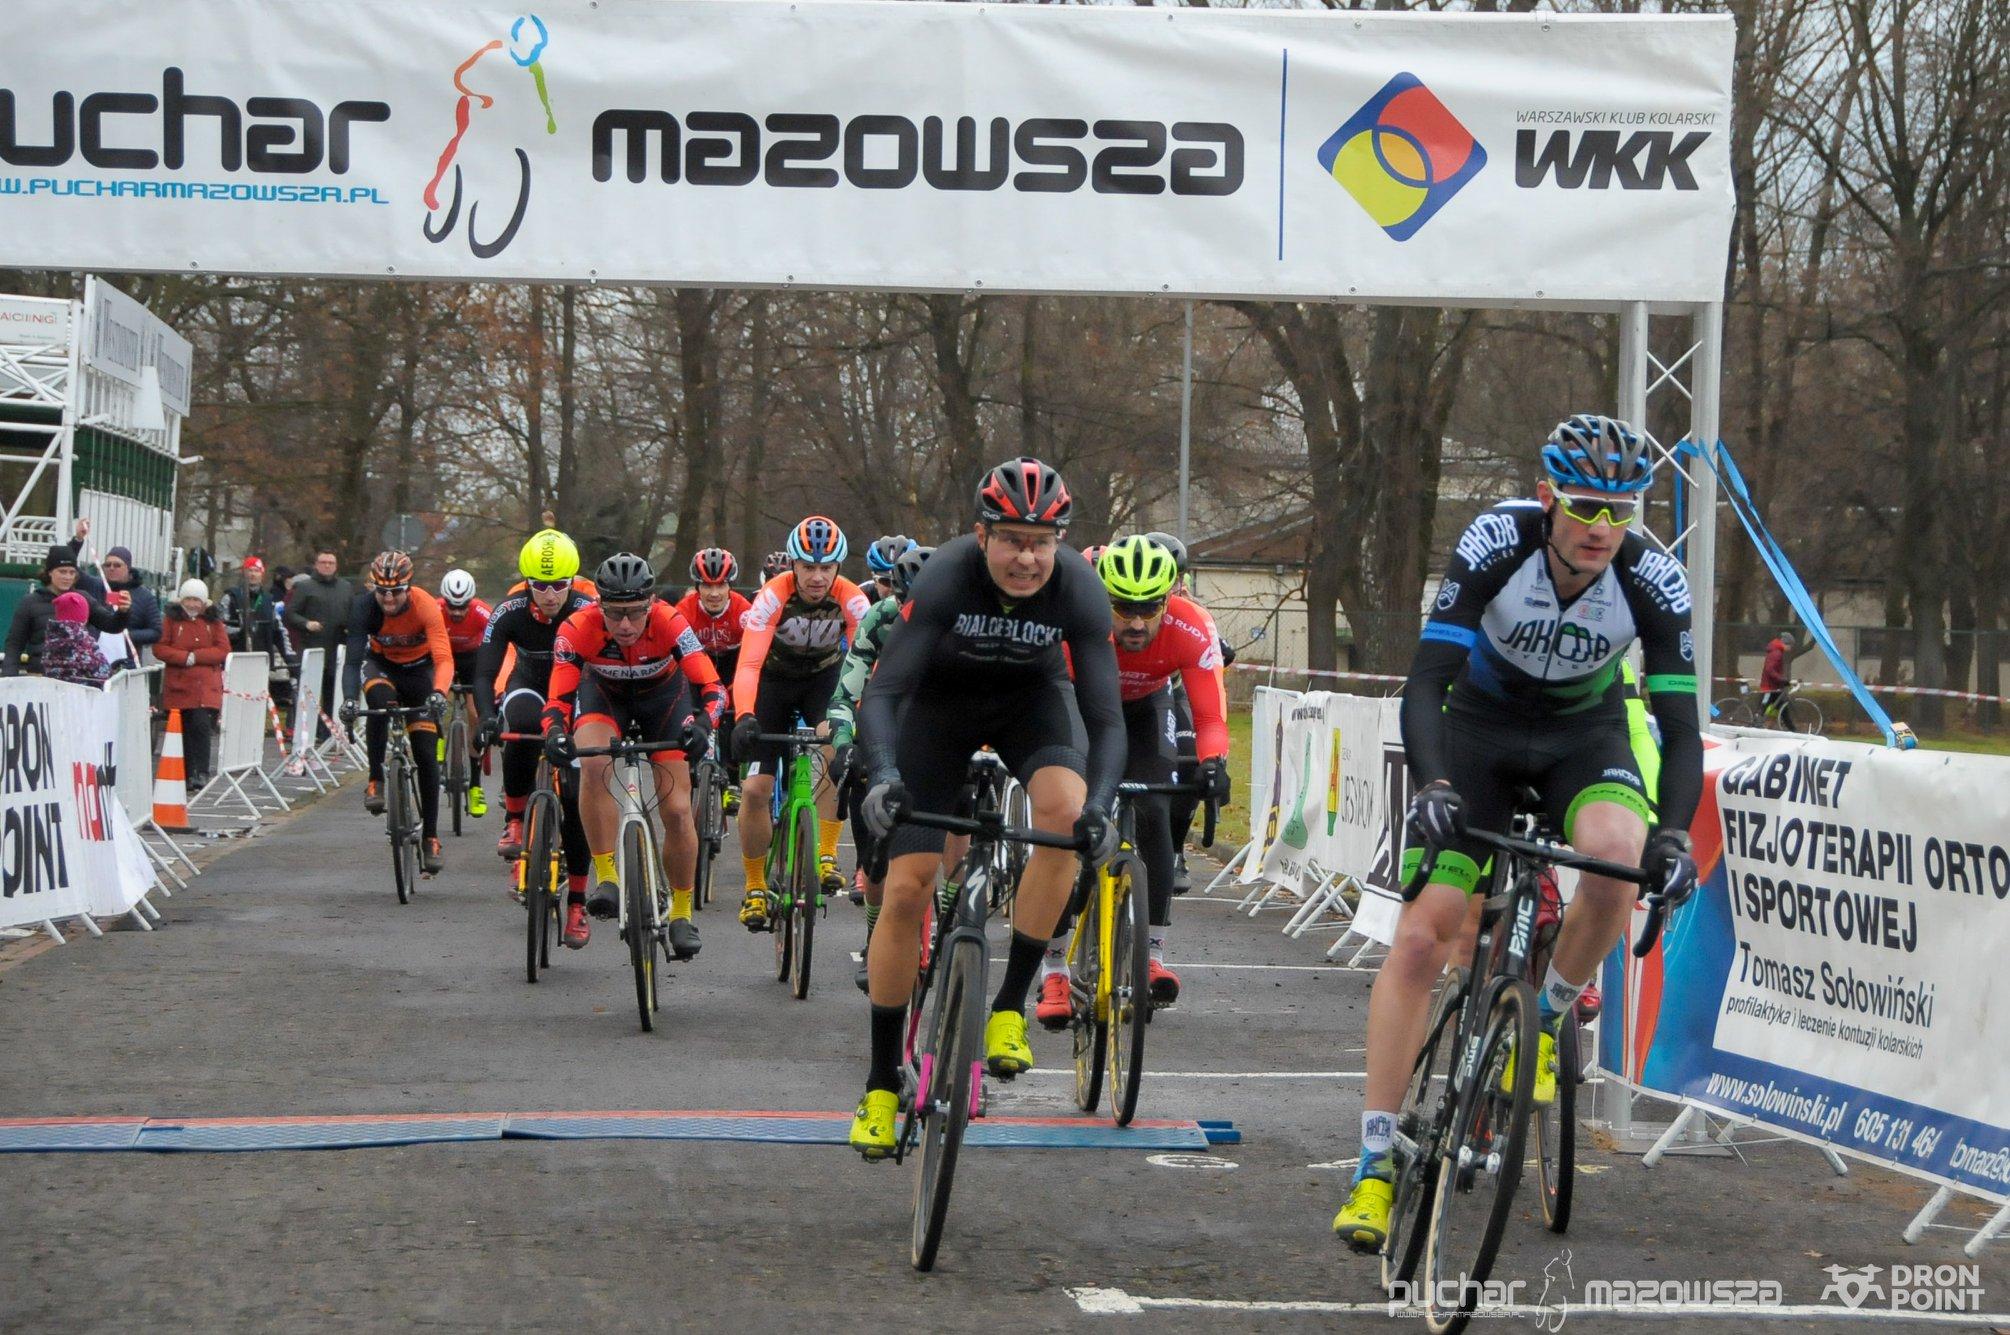 Mistrzostwa Warszawy i Mazowsza 2020 w kolarstwie przełajowym